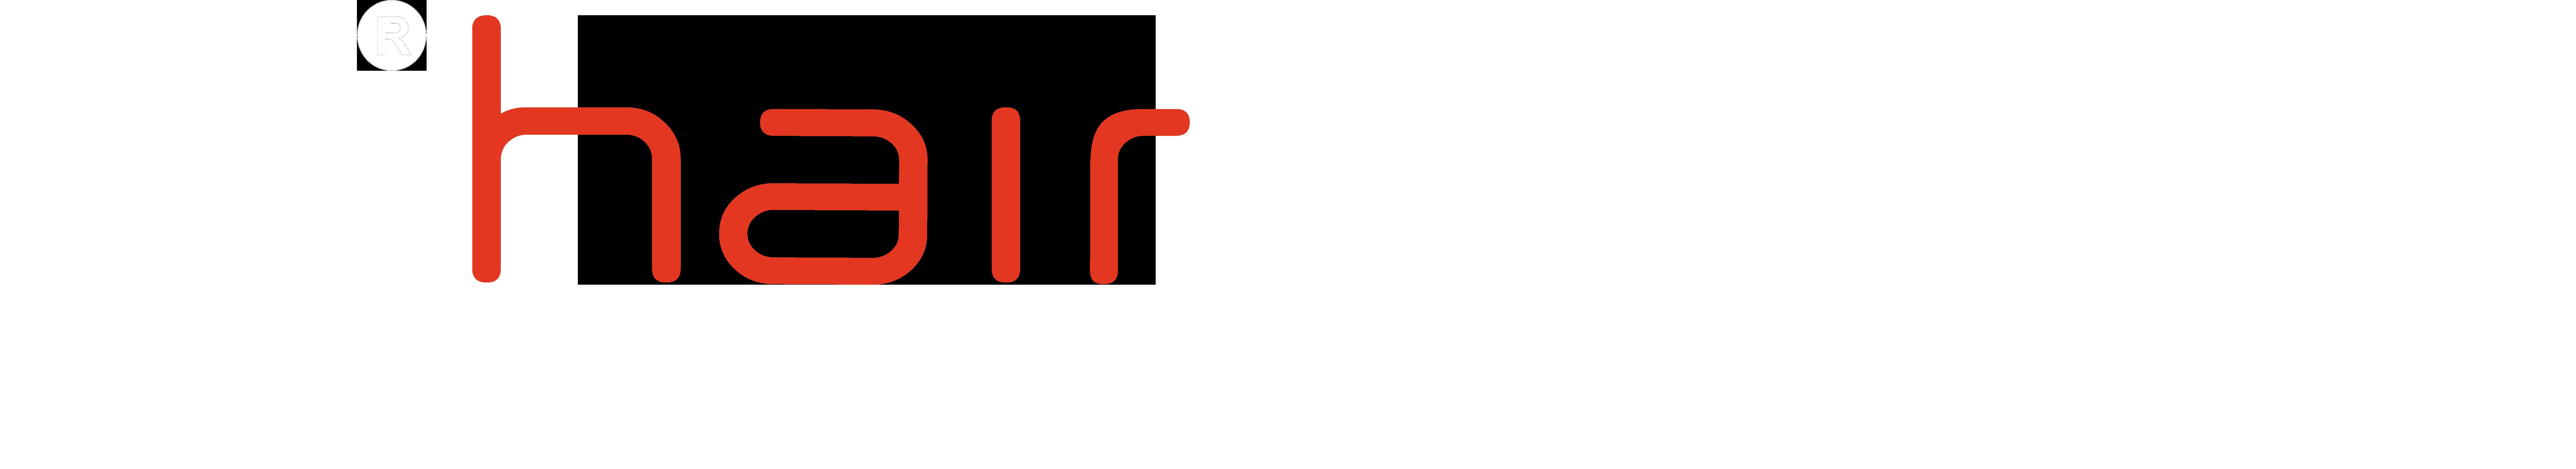 hairlounge-logo